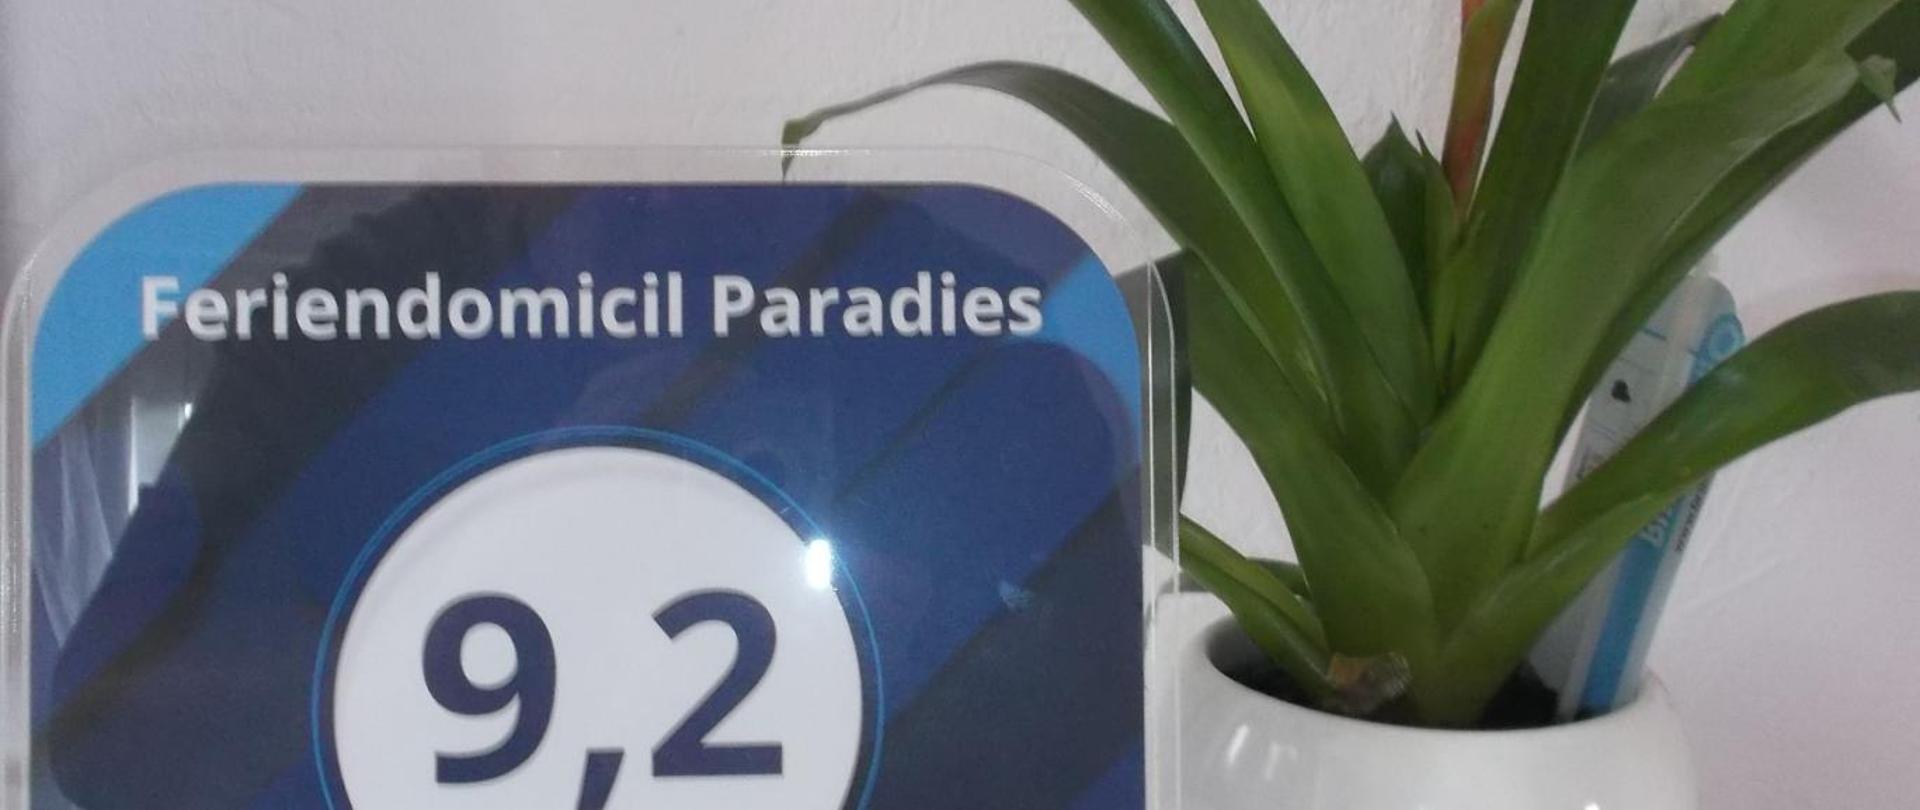 Feriendomicil Paradies